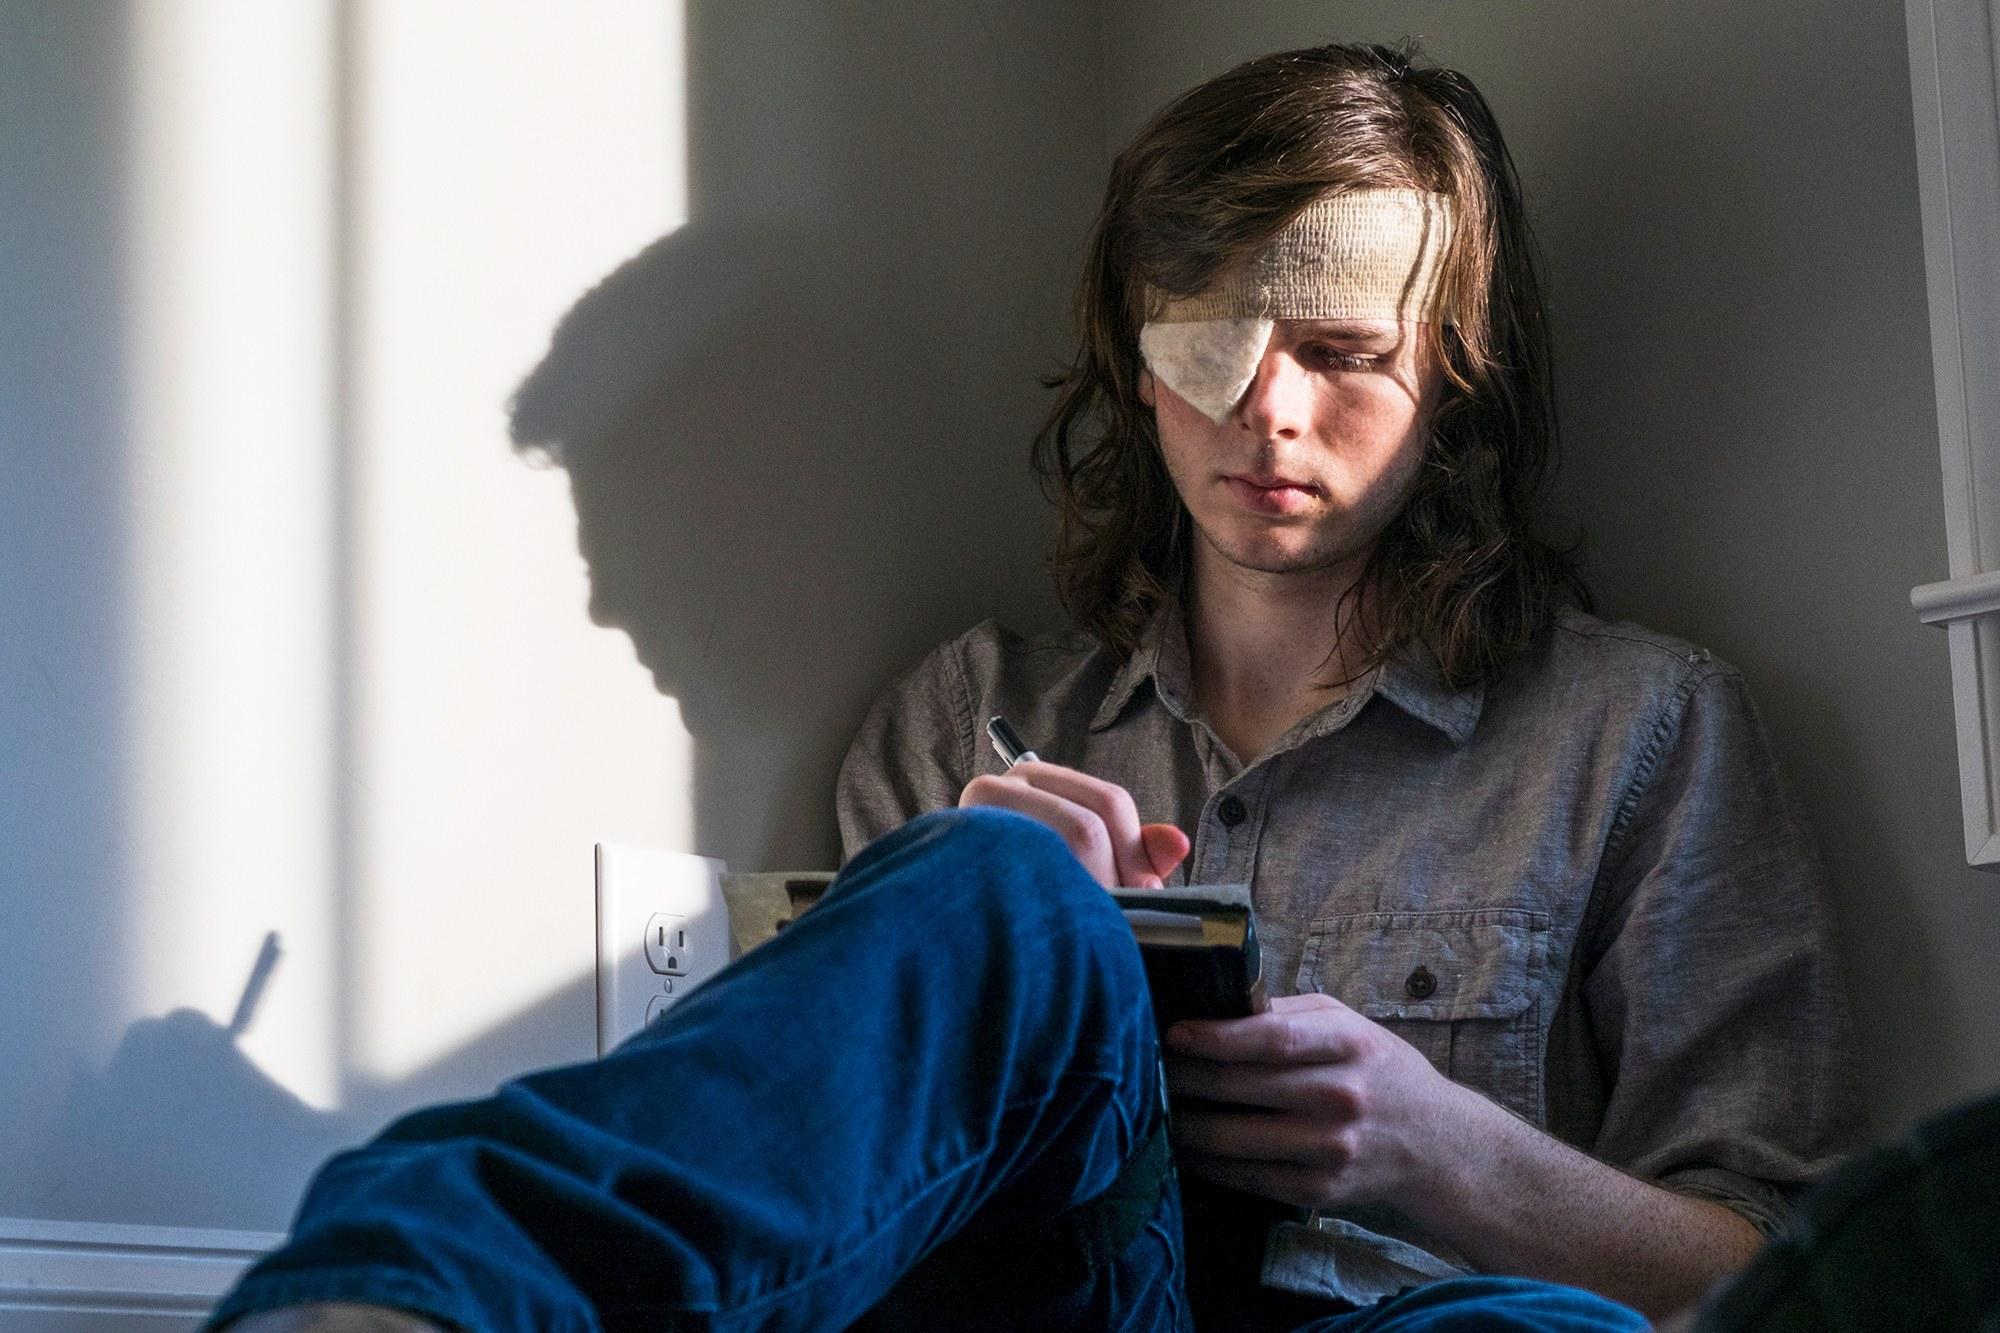 پیام توئیتری چندلر ریگز؛ آیا کارل گریمز به سریال «مردگان متحرک» باز خواهد گشت؟